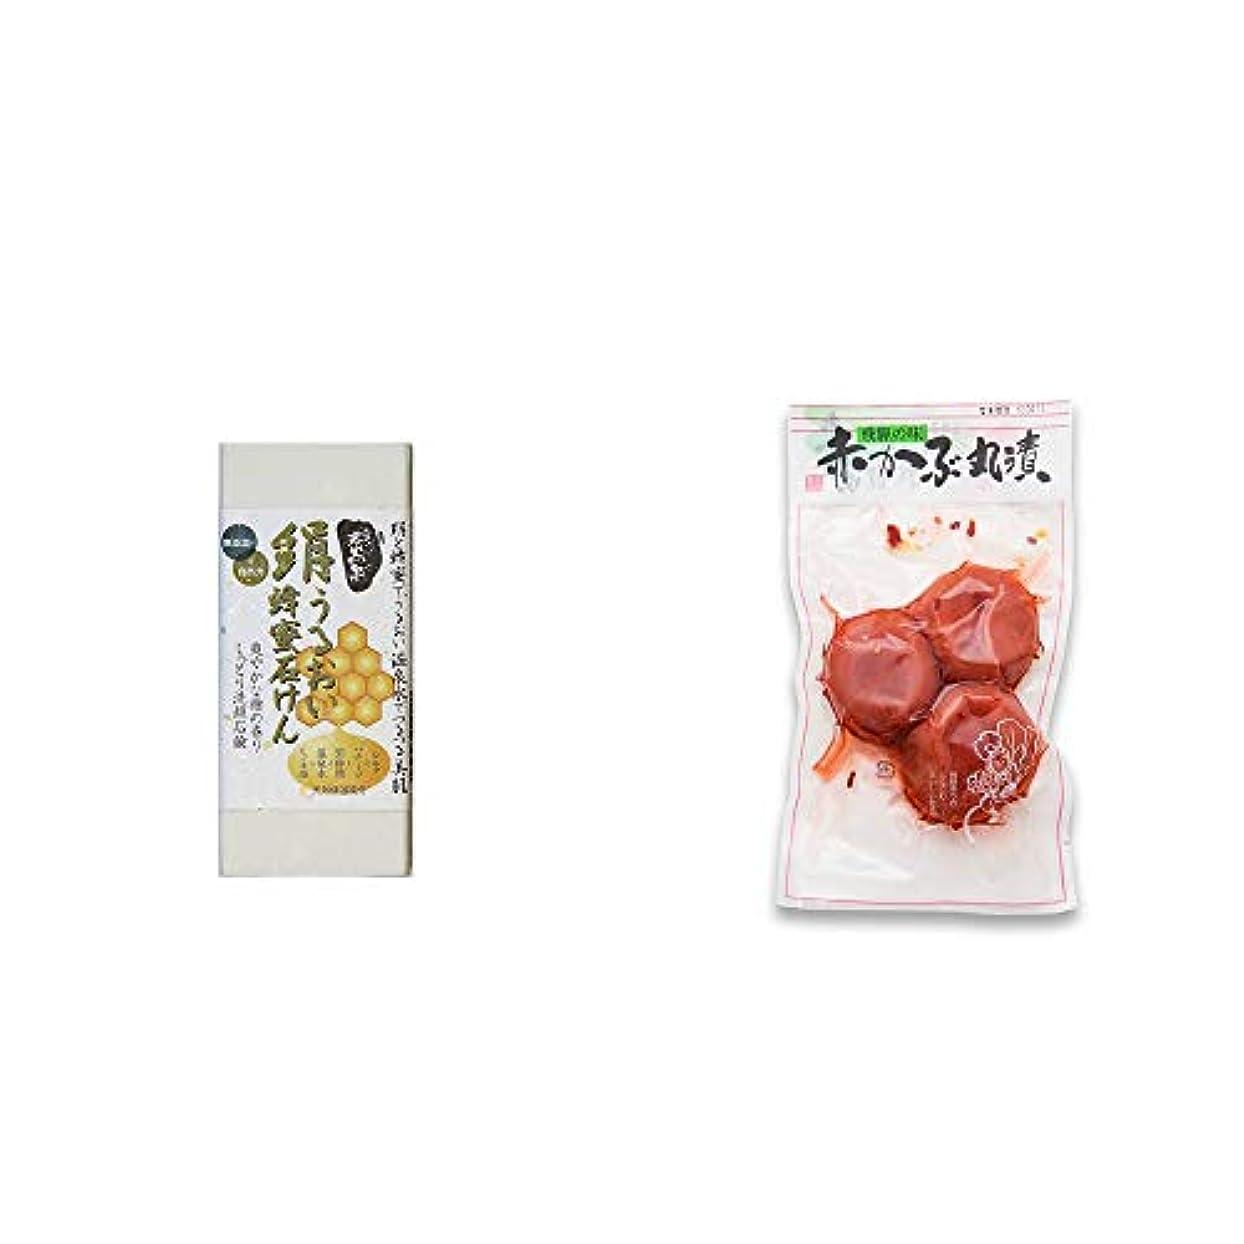 旅客ライドライナー[2点セット] ひのき炭黒泉 絹うるおい蜂蜜石けん(75g×2)?赤かぶ丸漬け(150g)